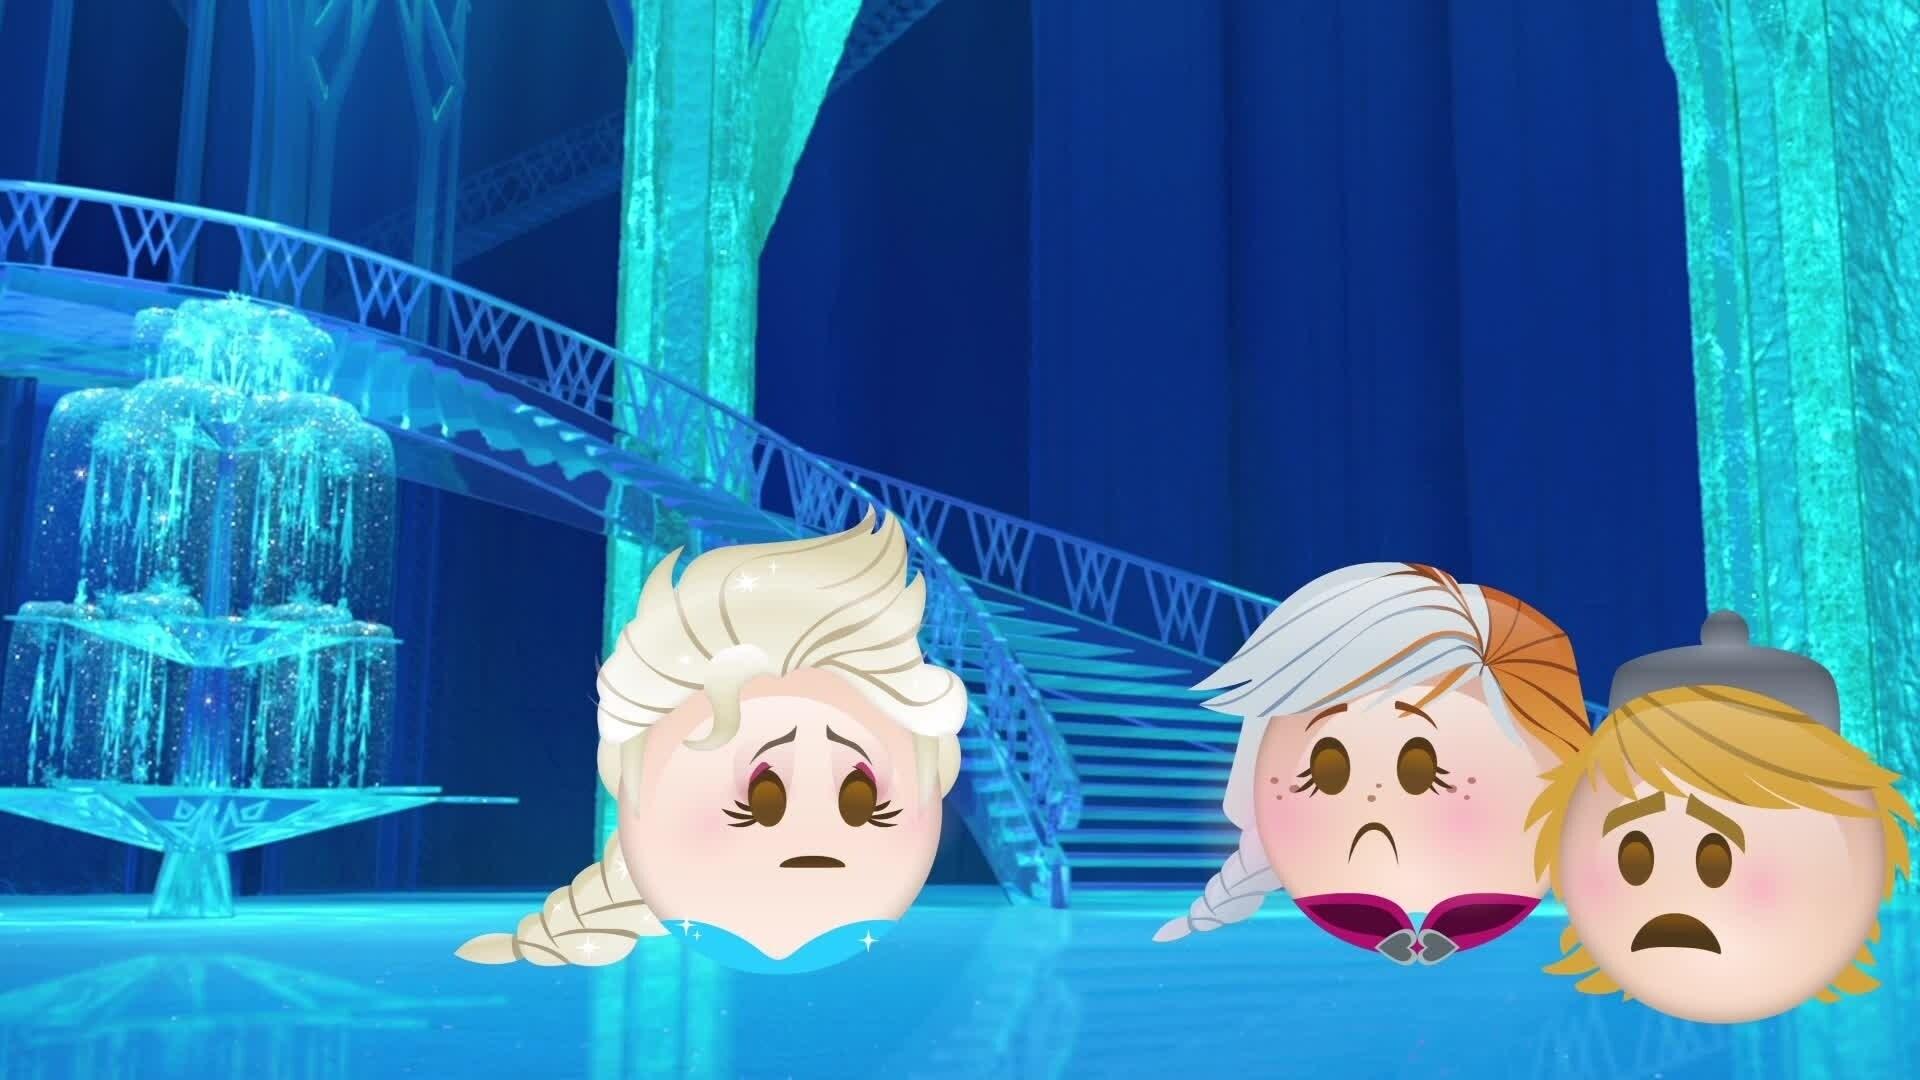 La Reine des Neiges - L'histoire en emojis